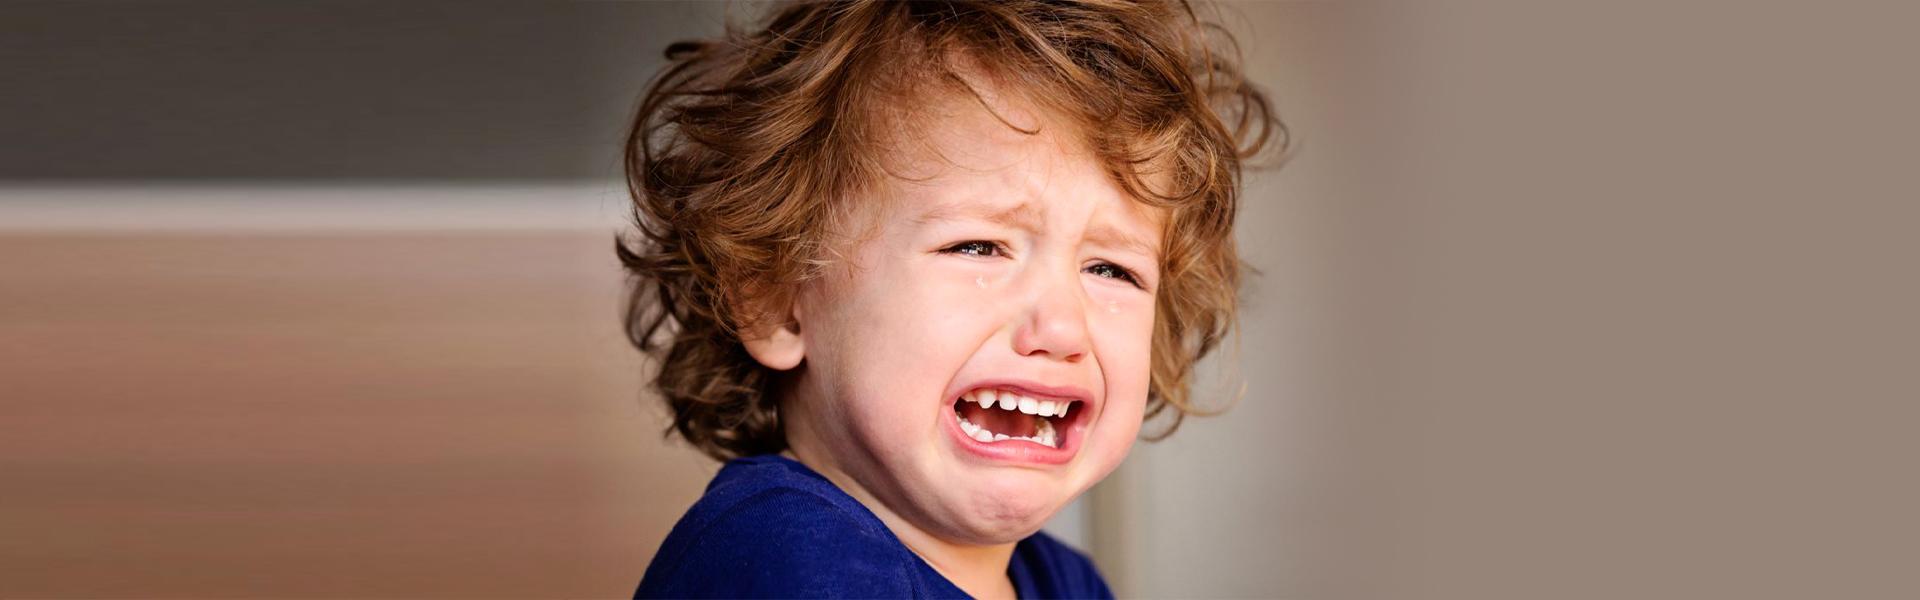 Toddler Tantrums: Hitting, Kicking, Scratching, and Biting